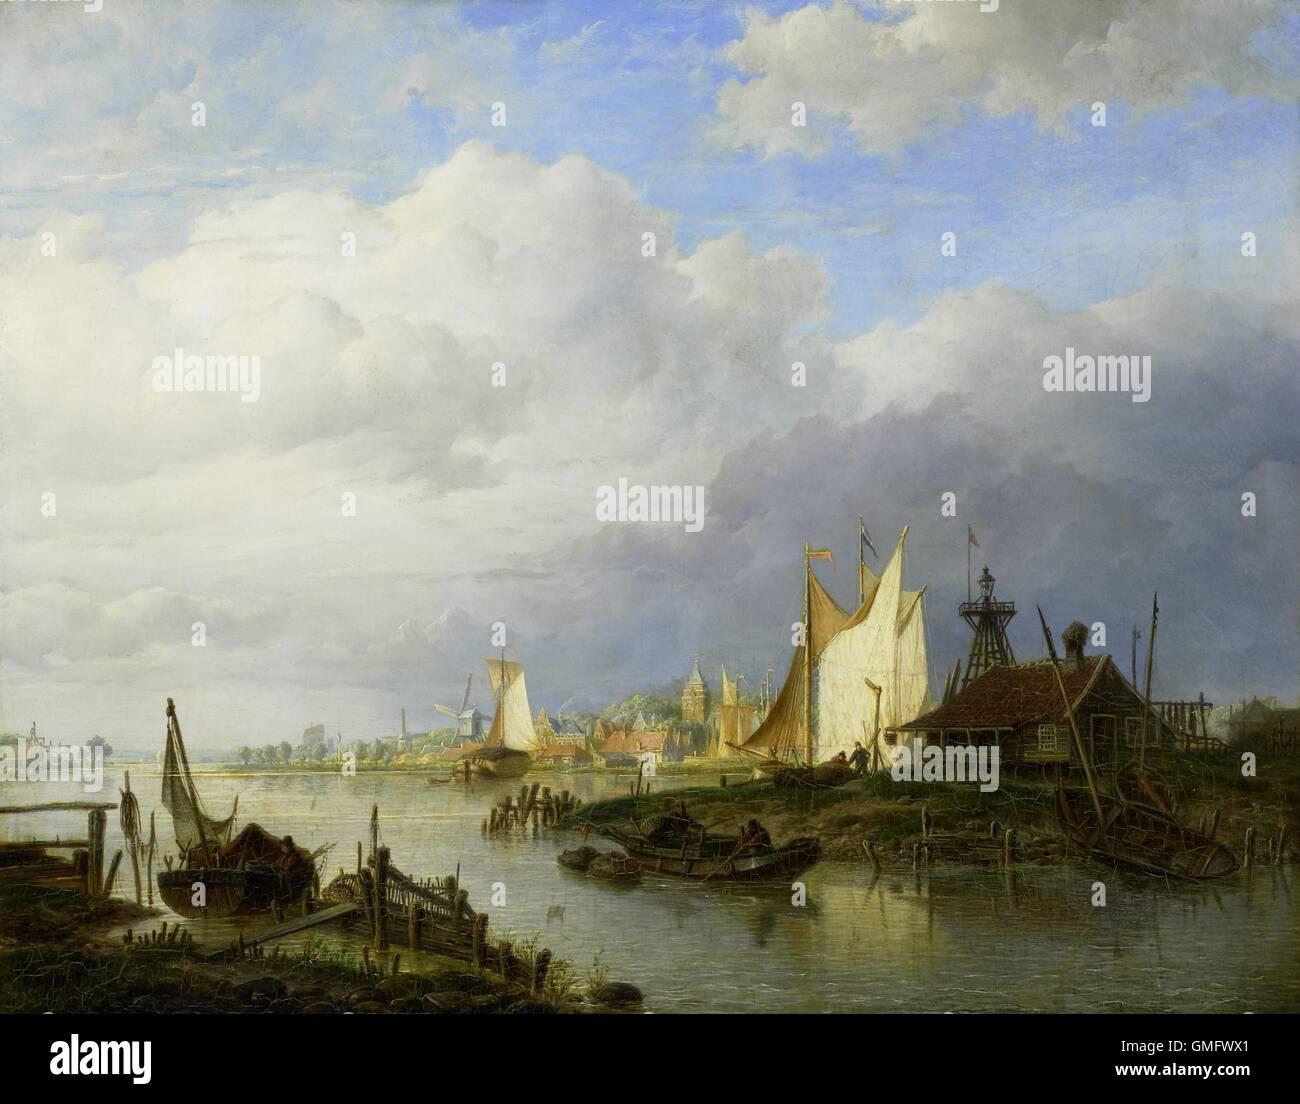 Barche sulle rive di un fiume con un faro di luce, da Hendrik Vettewinkel, 1847, pittura olandese, olio su pannello Immagini Stock